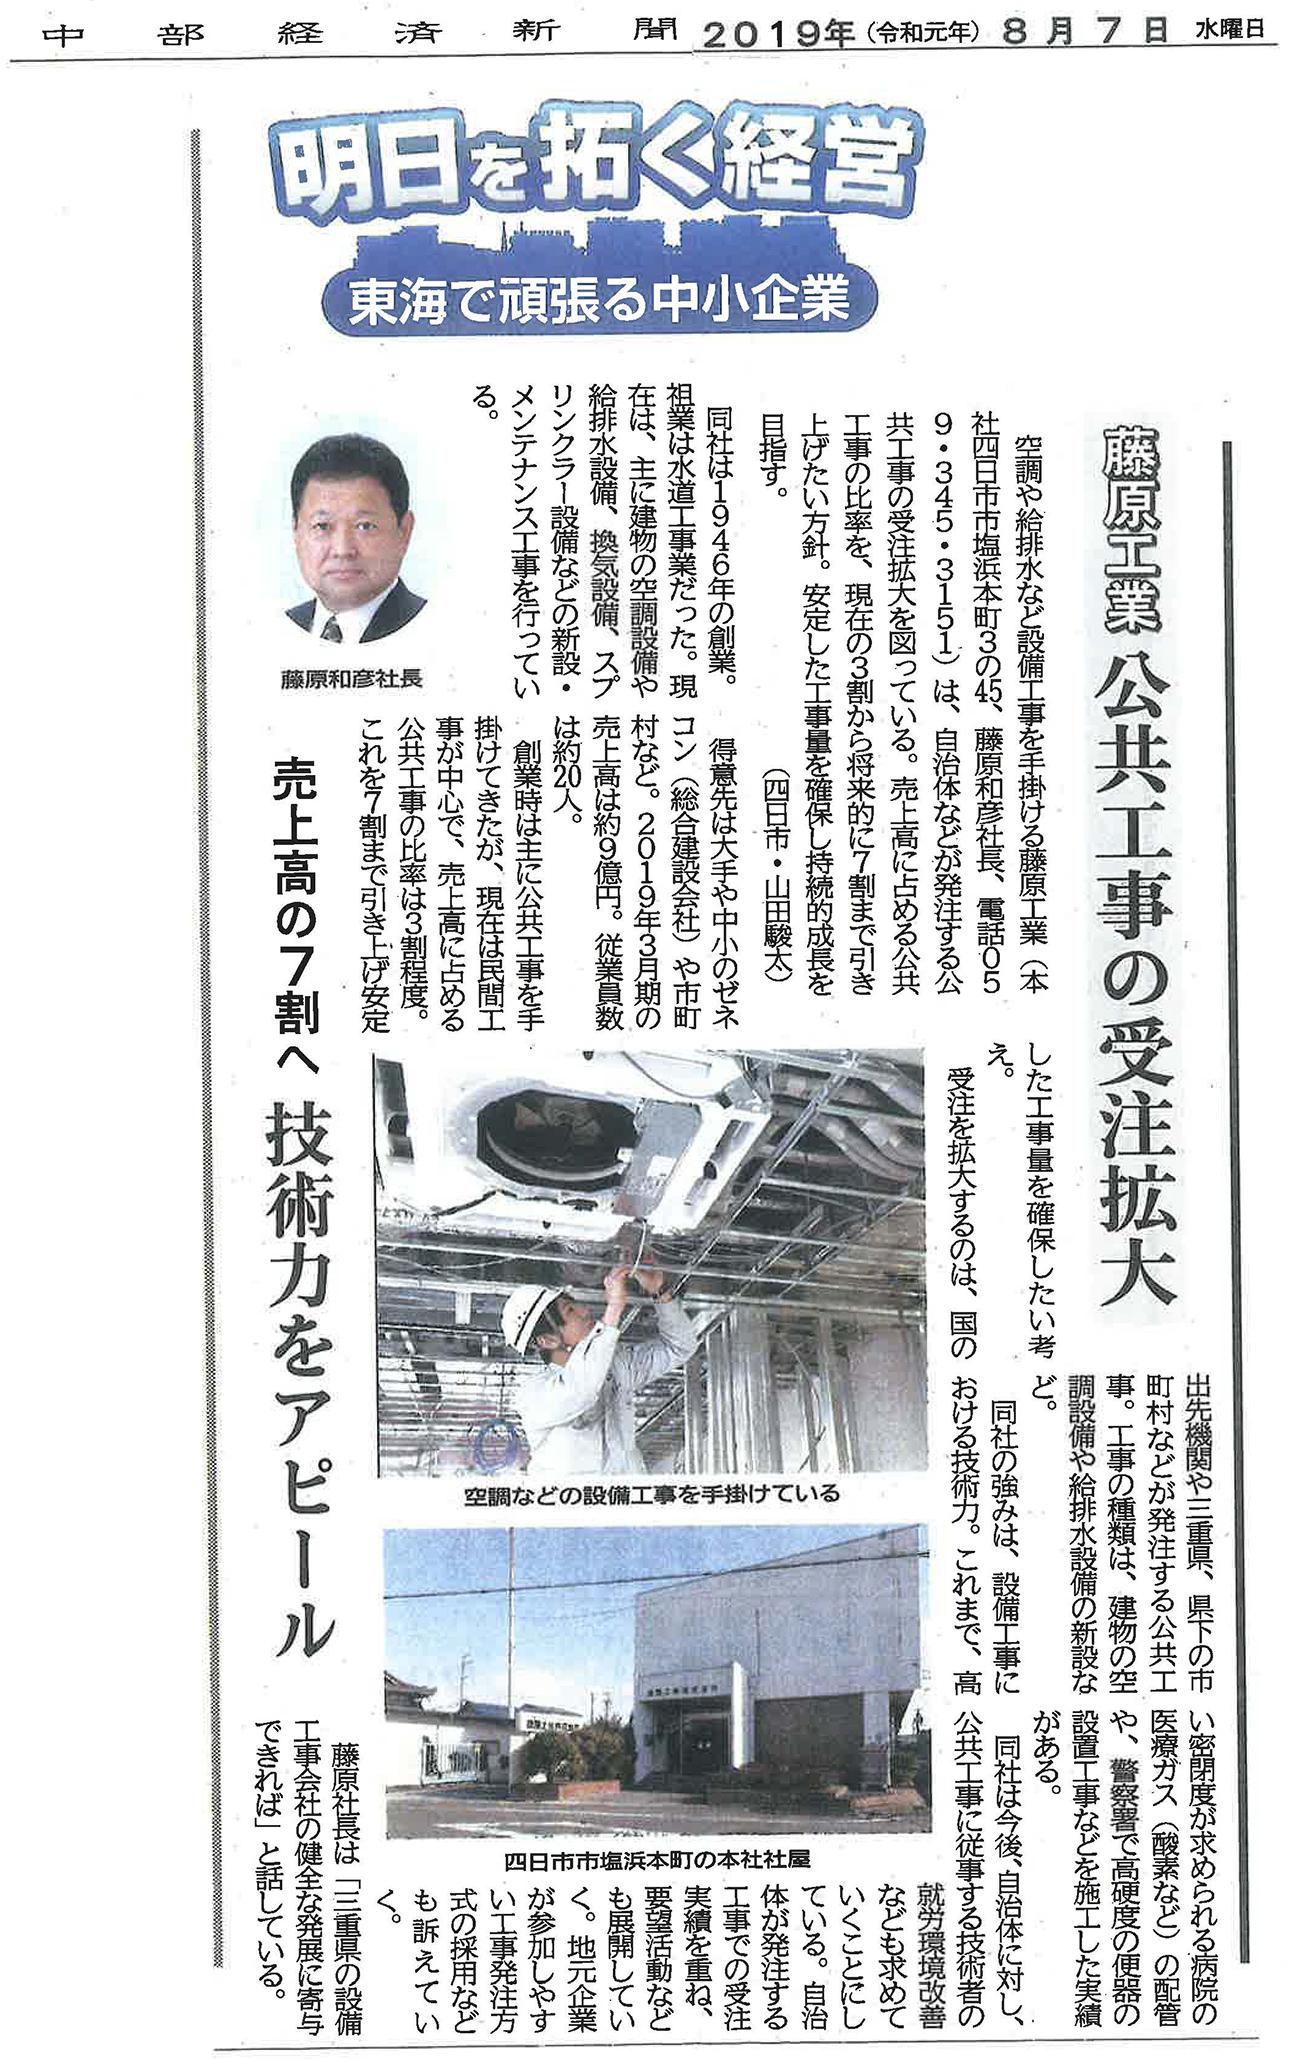 中部経済新聞「明日を拓く経営」の記事写真